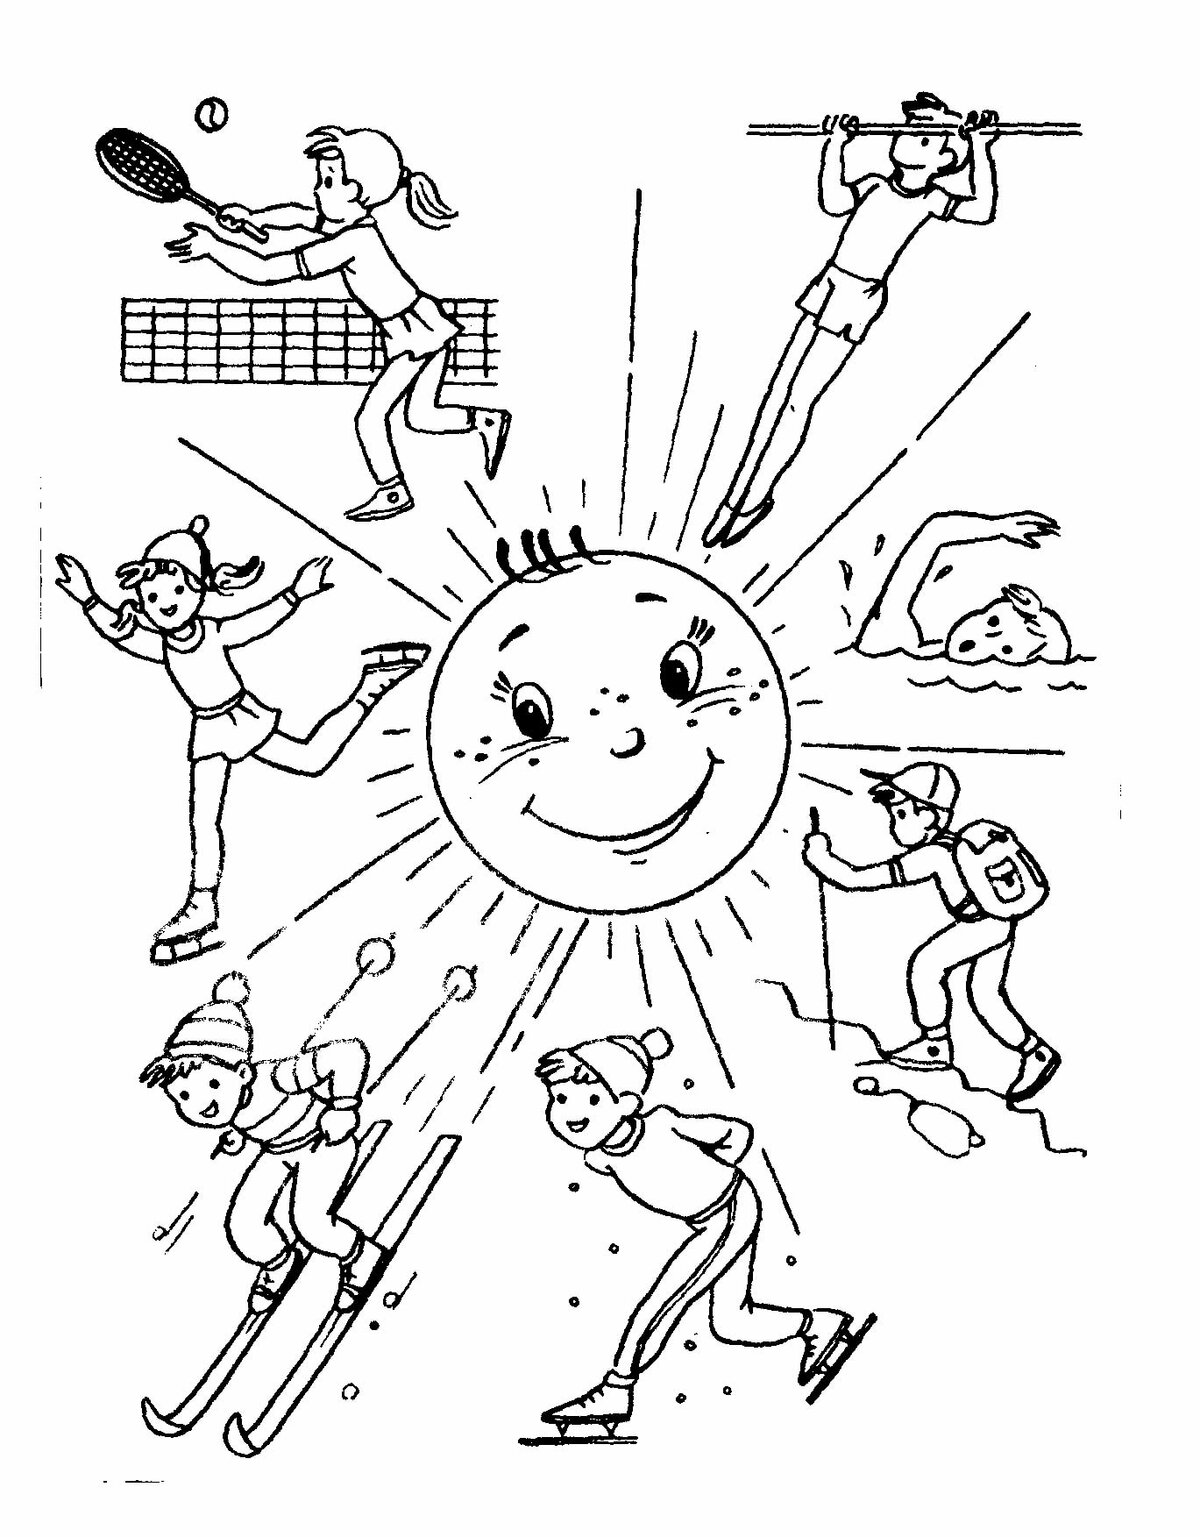 Рисунок по физре на тему спорт